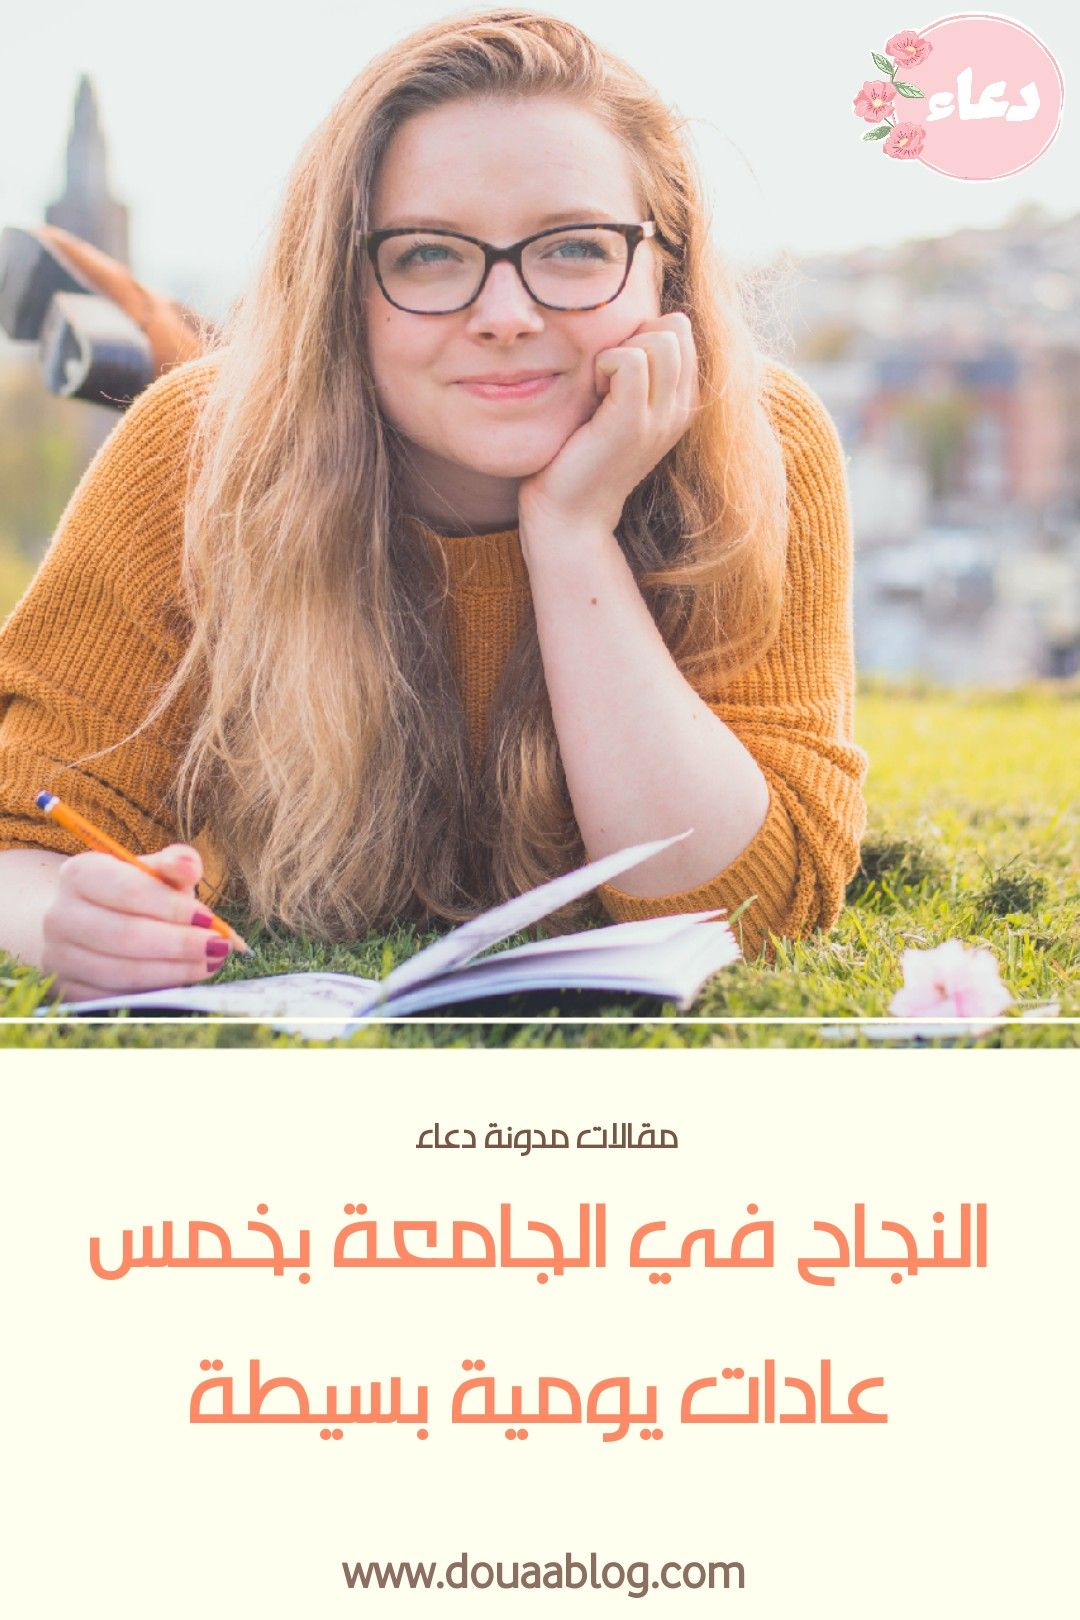 النجاح في الجامعة الكلية Couple Photos Photo Couples